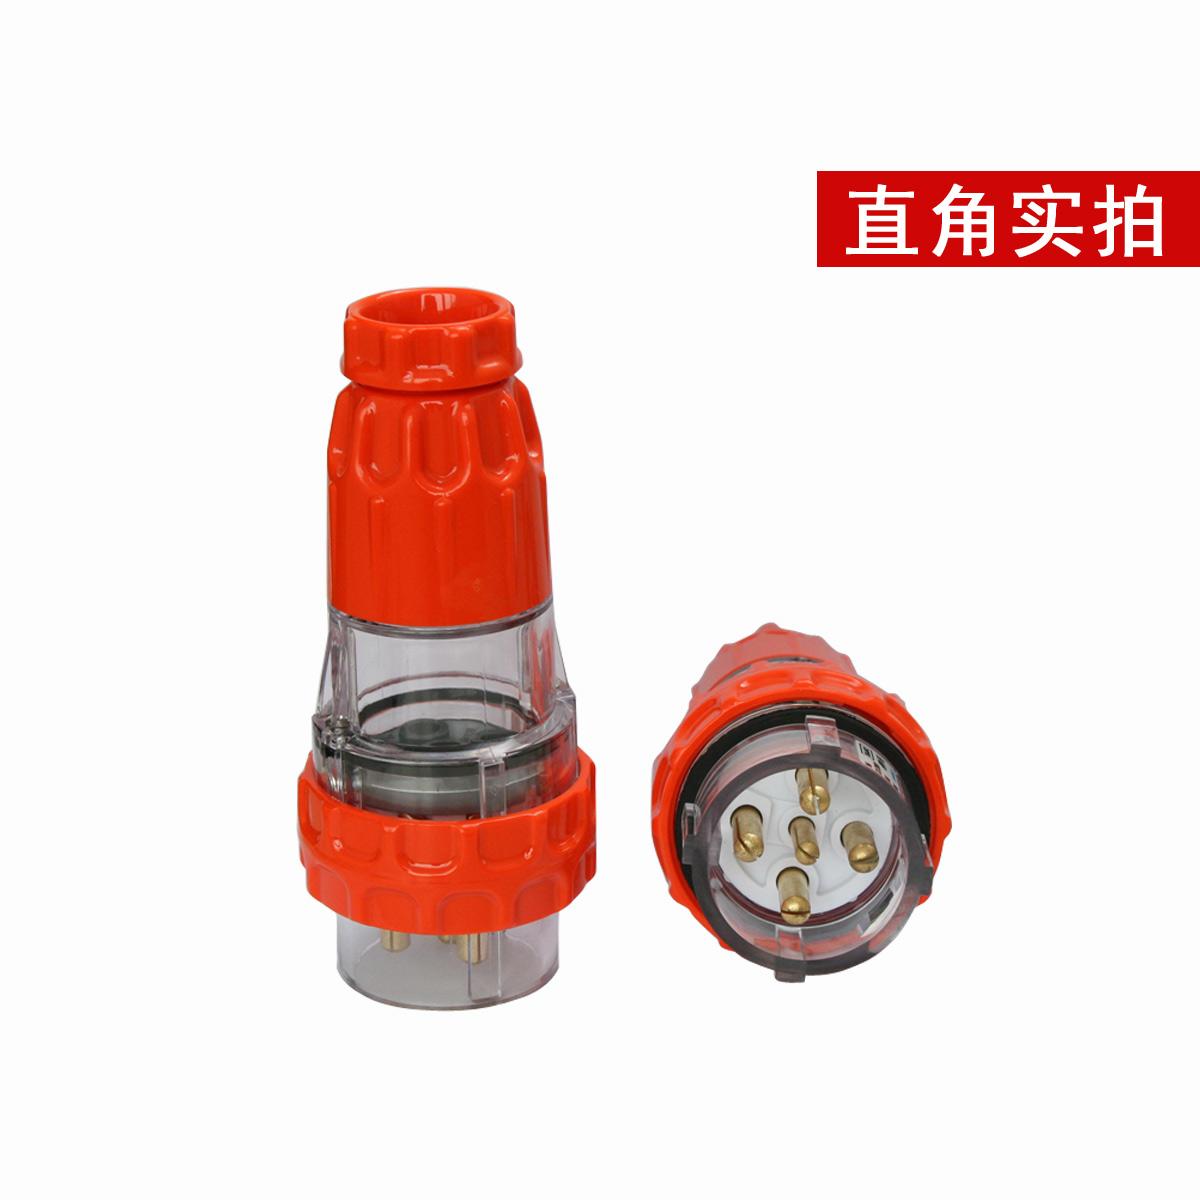 指印户外防水工业插头插座 5芯20A ZA66P520 防水插座插头IP66